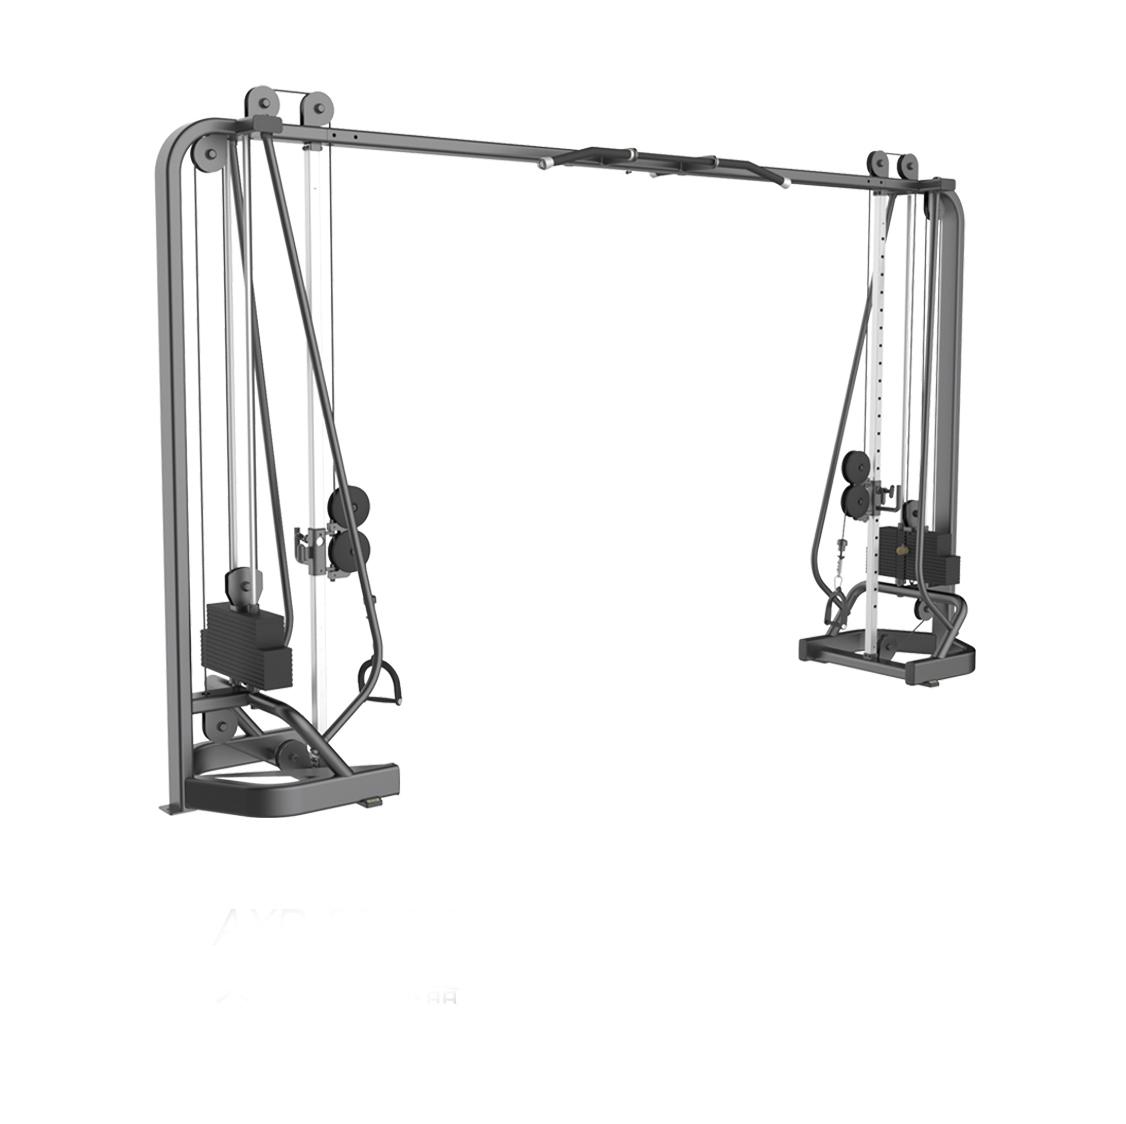 Тренажер GROME Fitness AXD5016A Кроссовер